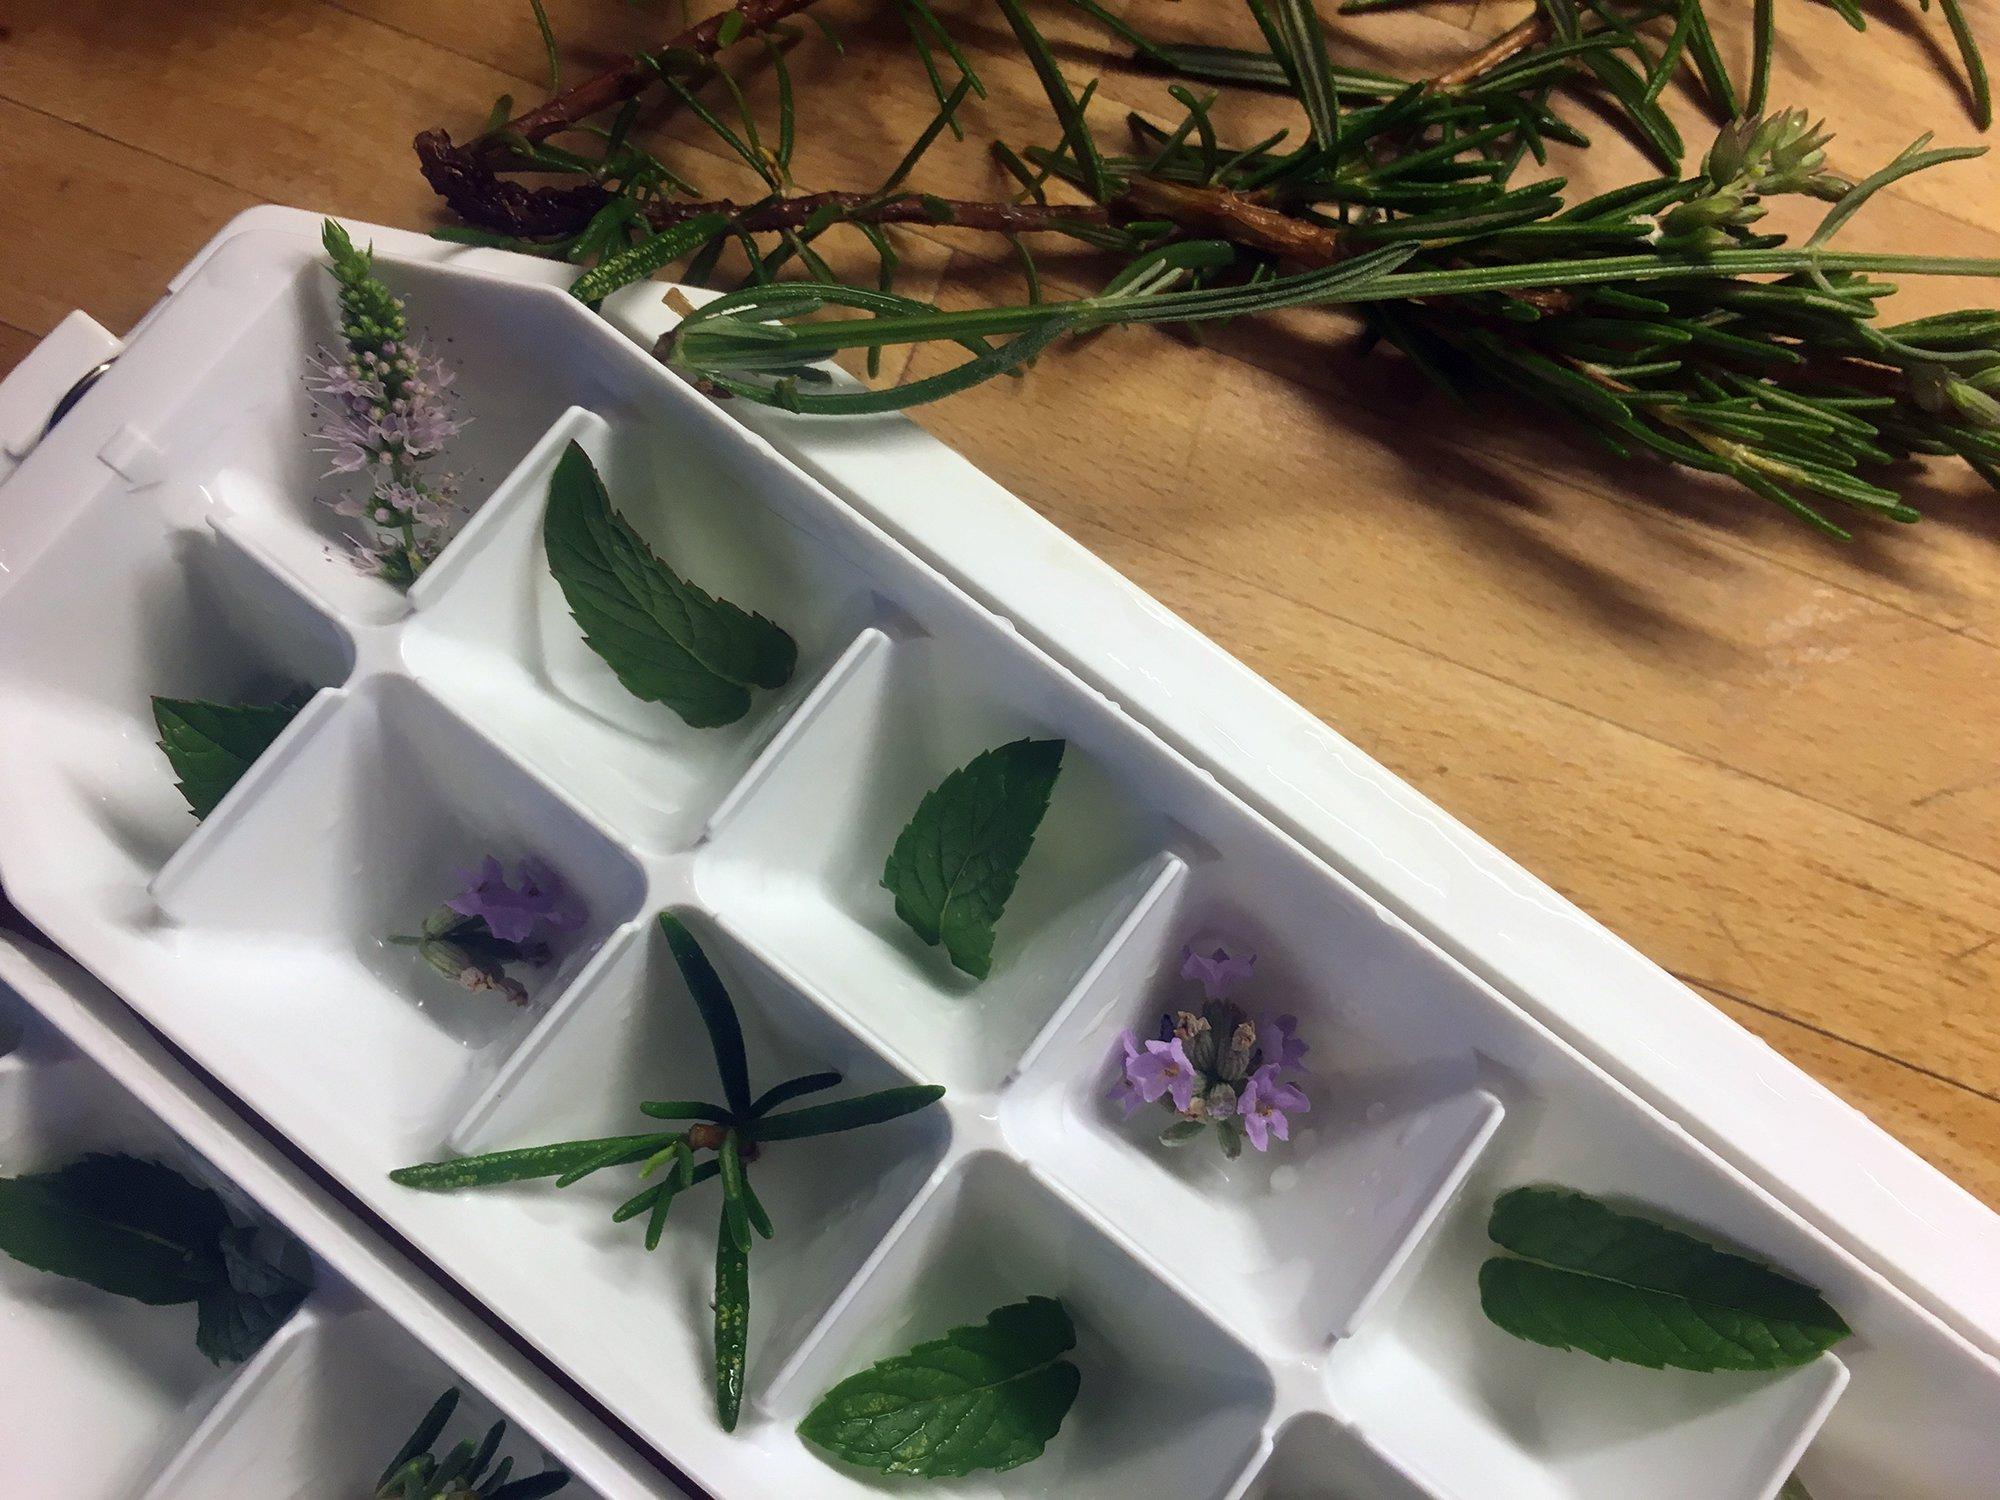 cubitos de hielo aromaticos, ecoherbes